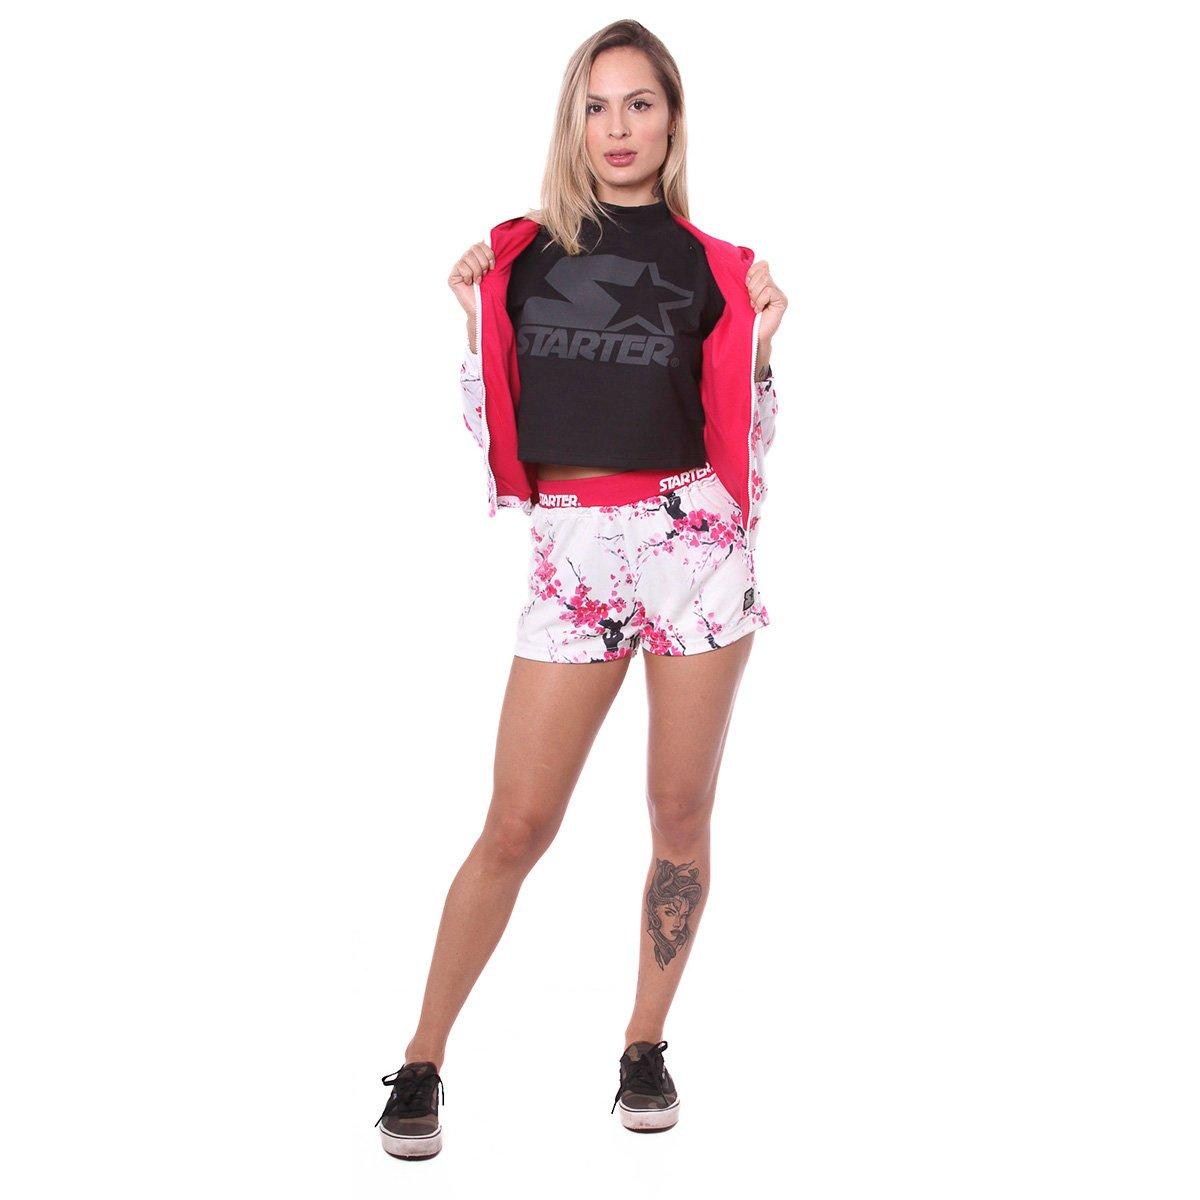 Jaqueta Starter Bomber Patch Floral Feminina